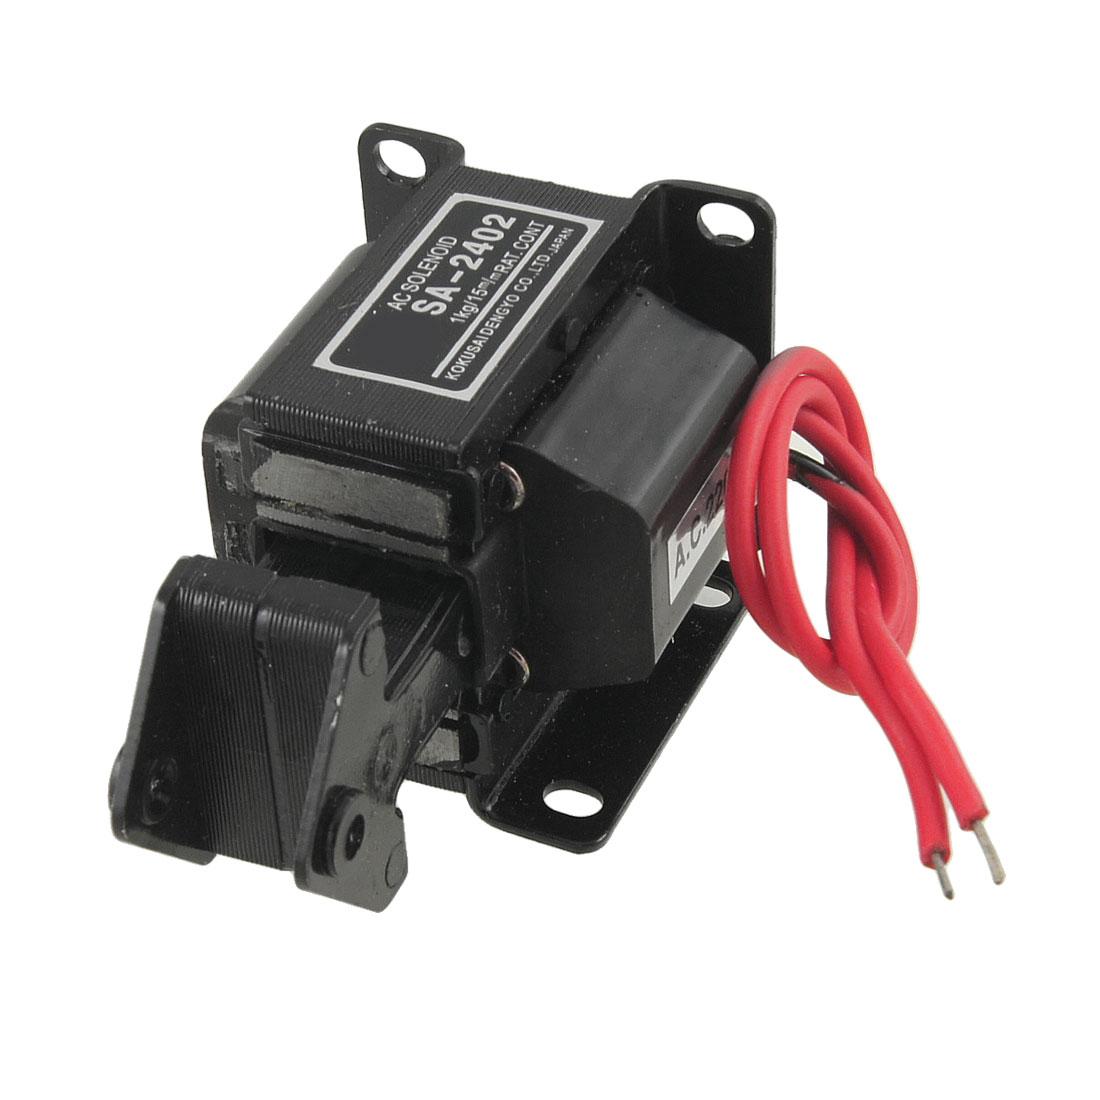 15mm Stroke Tractive Electromagnet AC Solenoid Lift 1Kg 220V